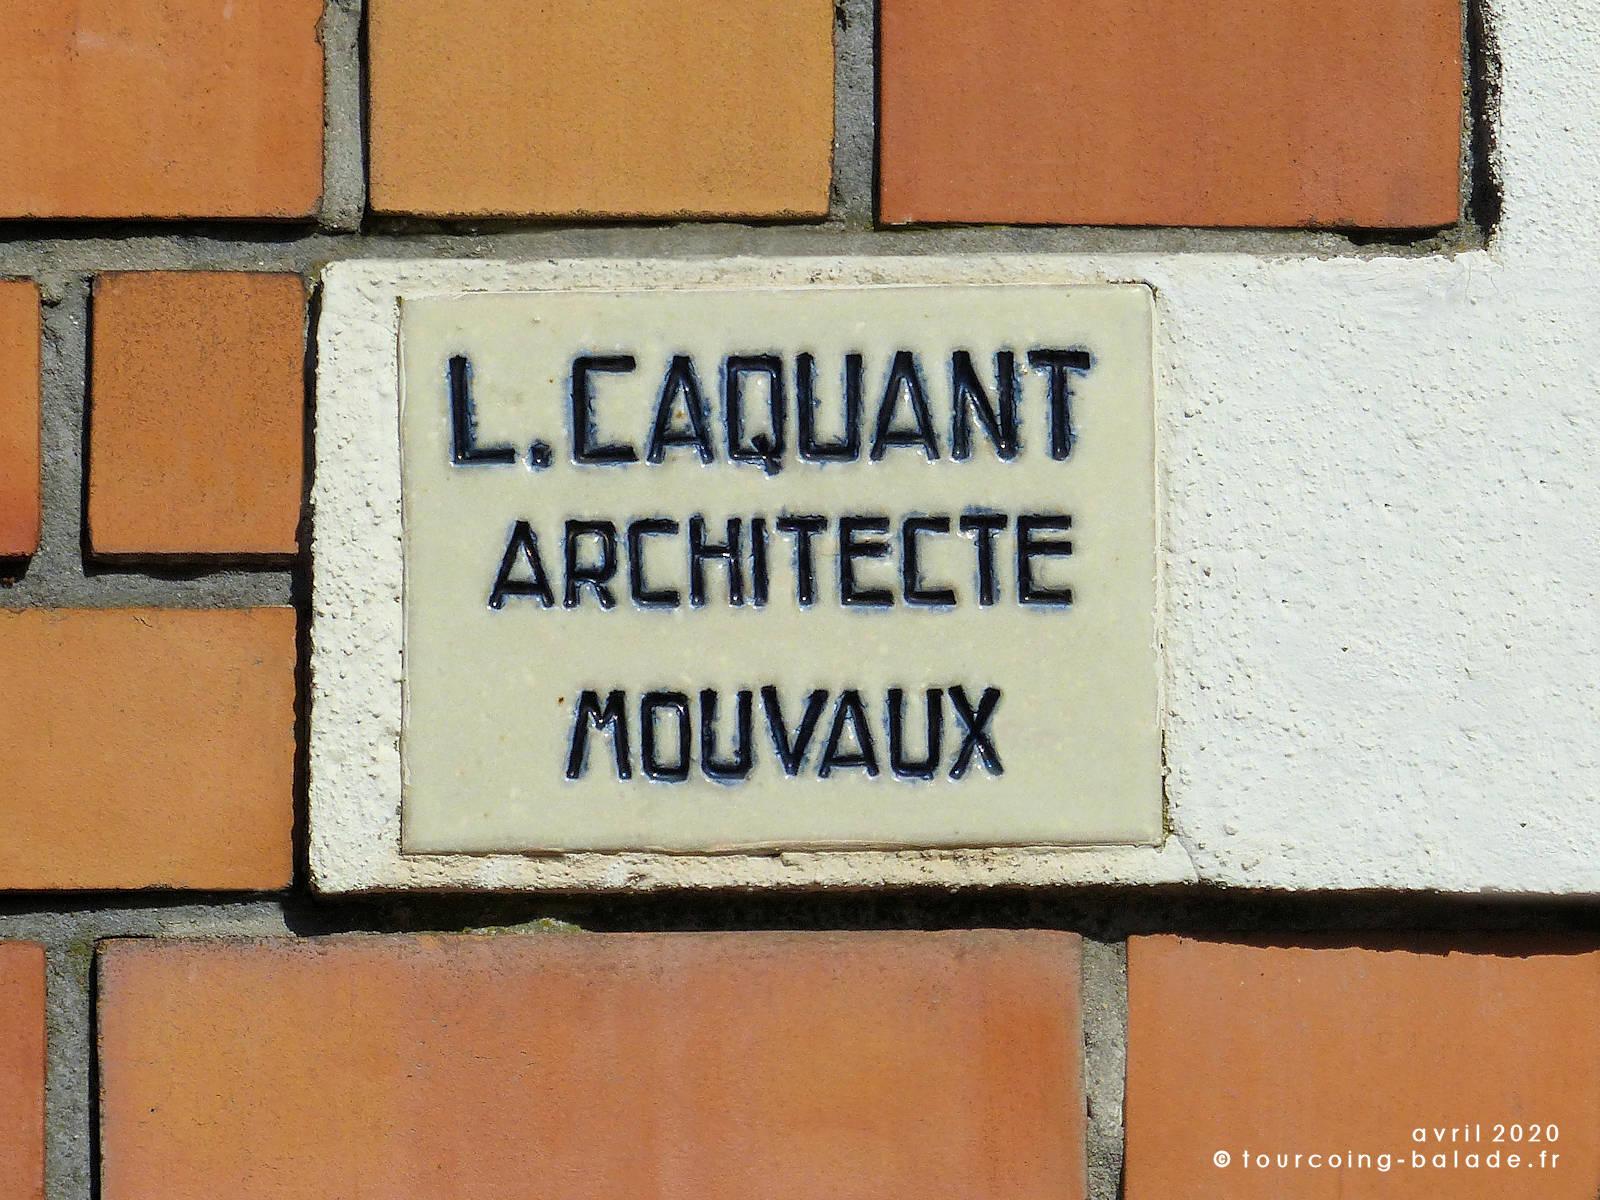 L. Caquant Architecte Mouvaux - Art Déco